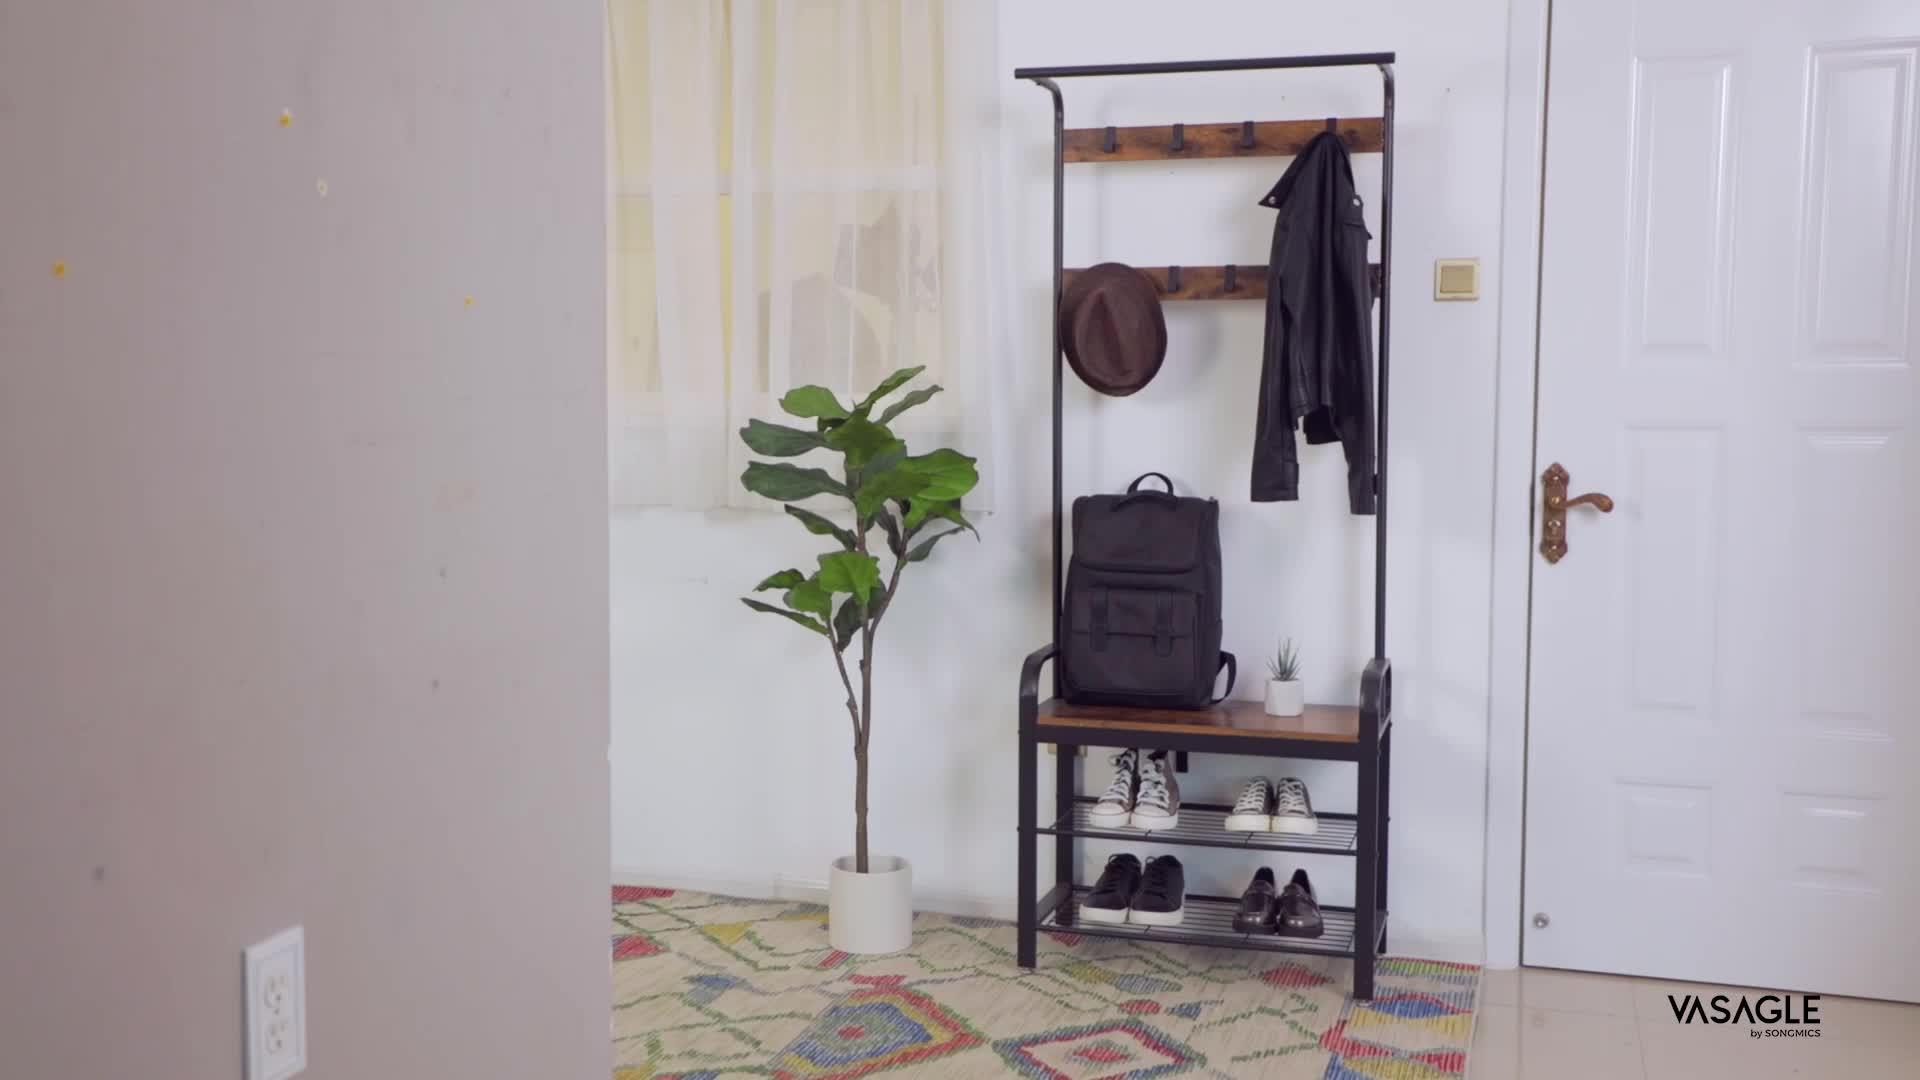 Perchero de madera para entrada de ropa, perchero para colgar, estante con gancho, banco y estante para zapatos de 3 niveles